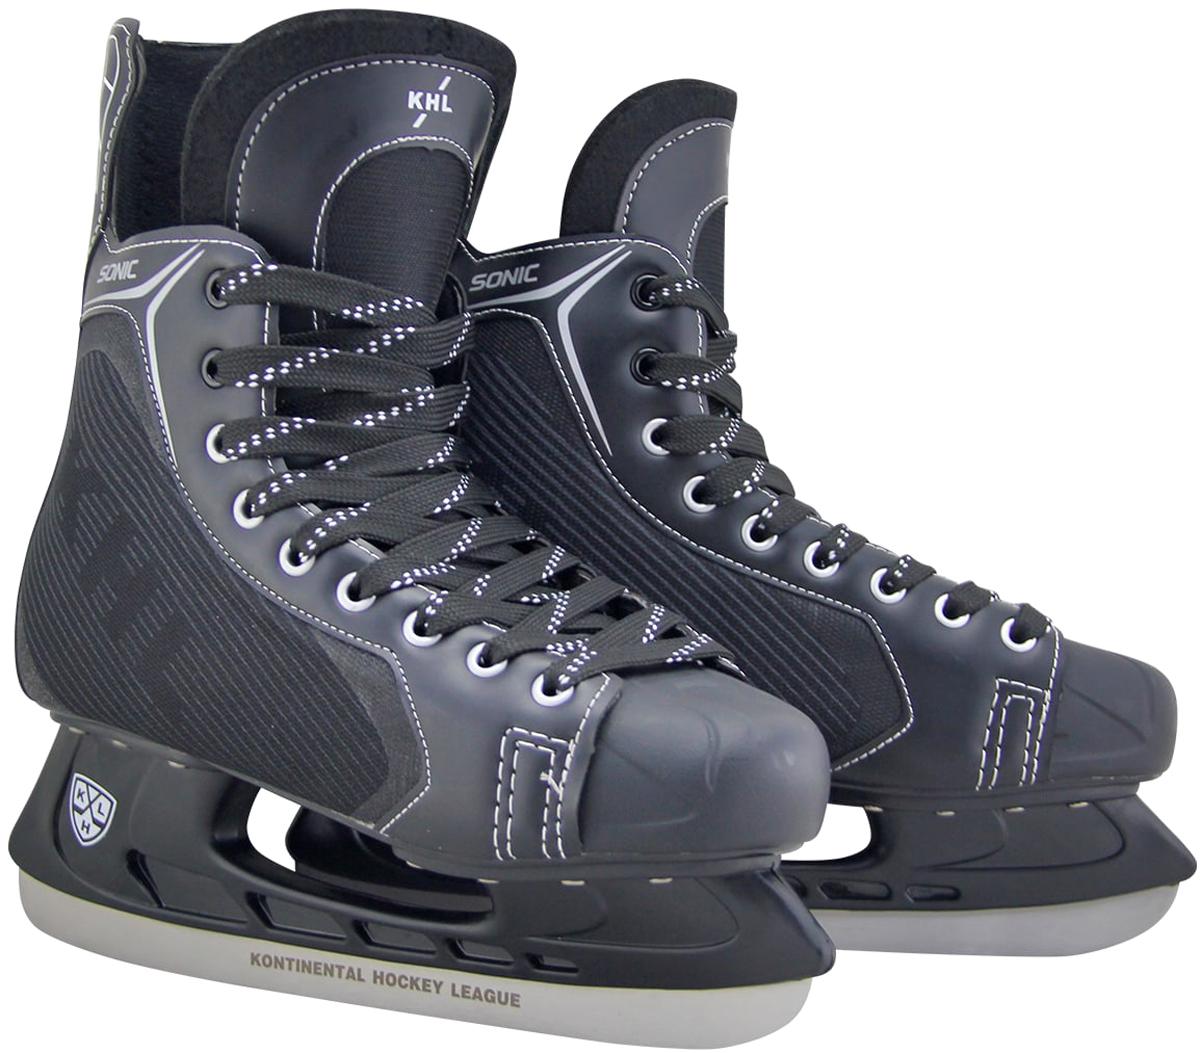 Коньки хоккейные мужские KHL Sonic, цвет: черный, серый, белый. Размер 44УТ-00010443Хоккейные коньки KHL Sonic являются официальной лицензионной продукцией Континентальной Хоккейной Лиги (КХЛ). Это прекрасная любительская модель коньков с уникальным стильным ассиметричным дизайном, выполненным в новой стилистической концепции КХЛ. Модель выполнена из износостойких материалов, устойчивых к порезам. Усиленная жесткость ботинка для более уверенного катания. Дополнительные вставки из EVA и MEMORY foam обеспечат комфорт. Лезвие выполнено из высокоуглеродистой стали с покрытием из никеля. Шнуровка надежно зафиксирует модель на ноге.Коньки подходят для использования на открытом и закрытом льду.